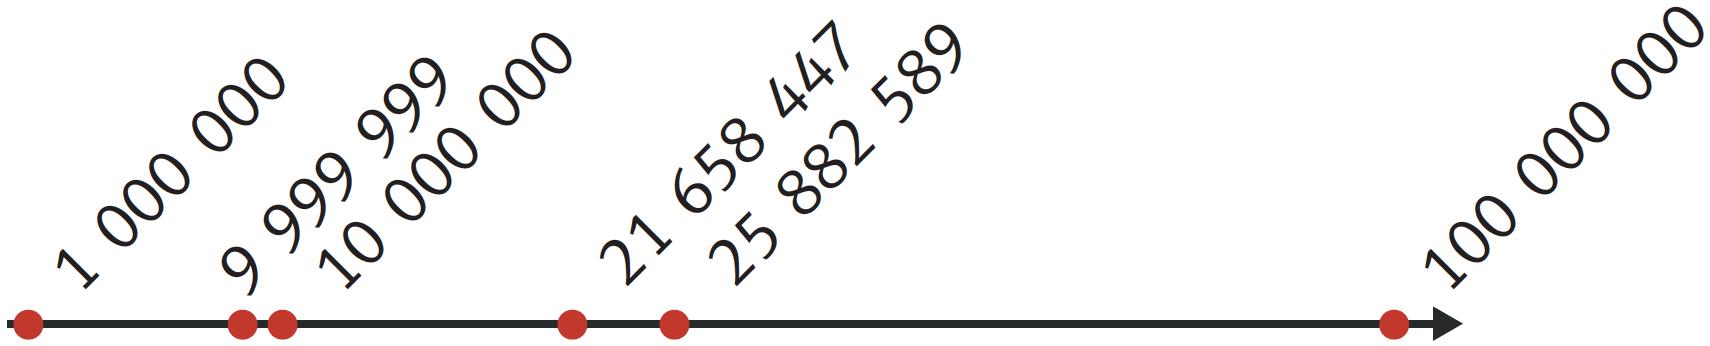 Refaire : Comparer les chiffres 25 882 589, 9 999 999 et 21 658 447.